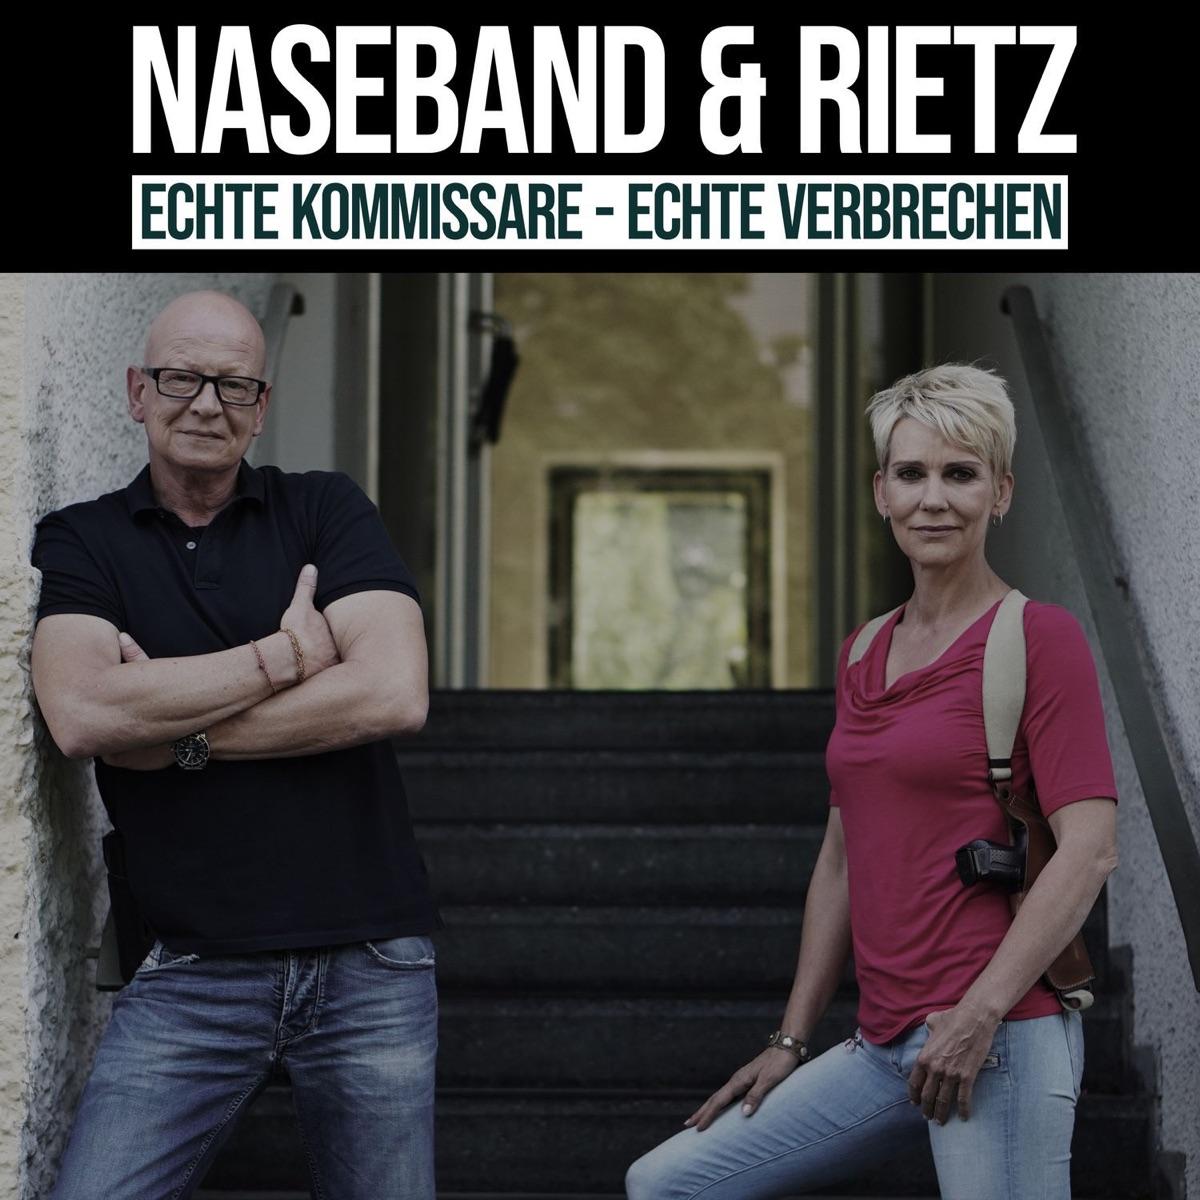 Naseband & Rietz. Echte Kommissare – Echte Verbrechen